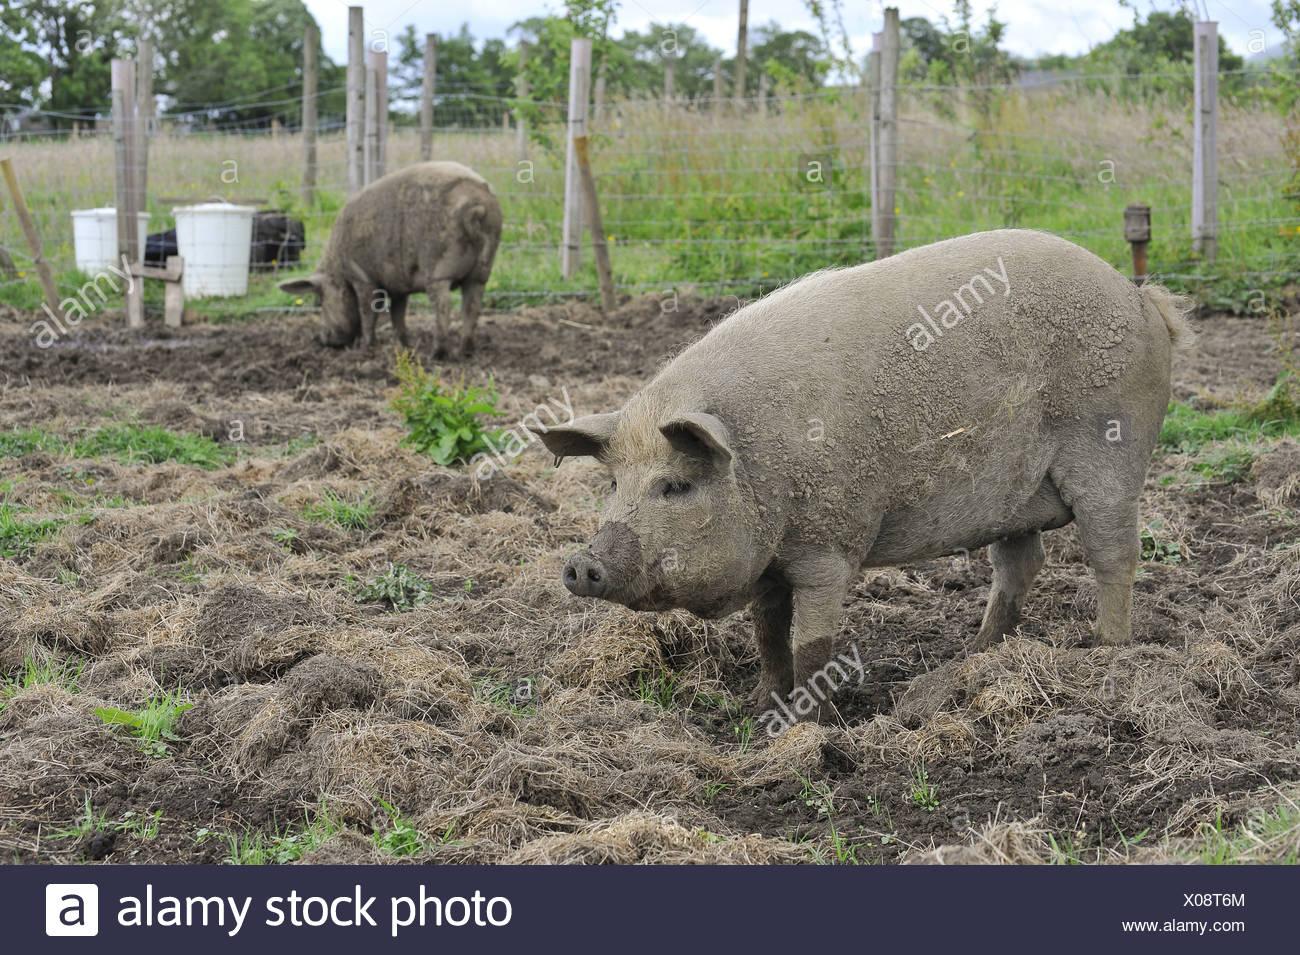 Mangalitsa Pigs domestic pig pigs hog hogs swine domestic domesticated farm farms farming omnivore omnivores mammal mammals - Stock Image